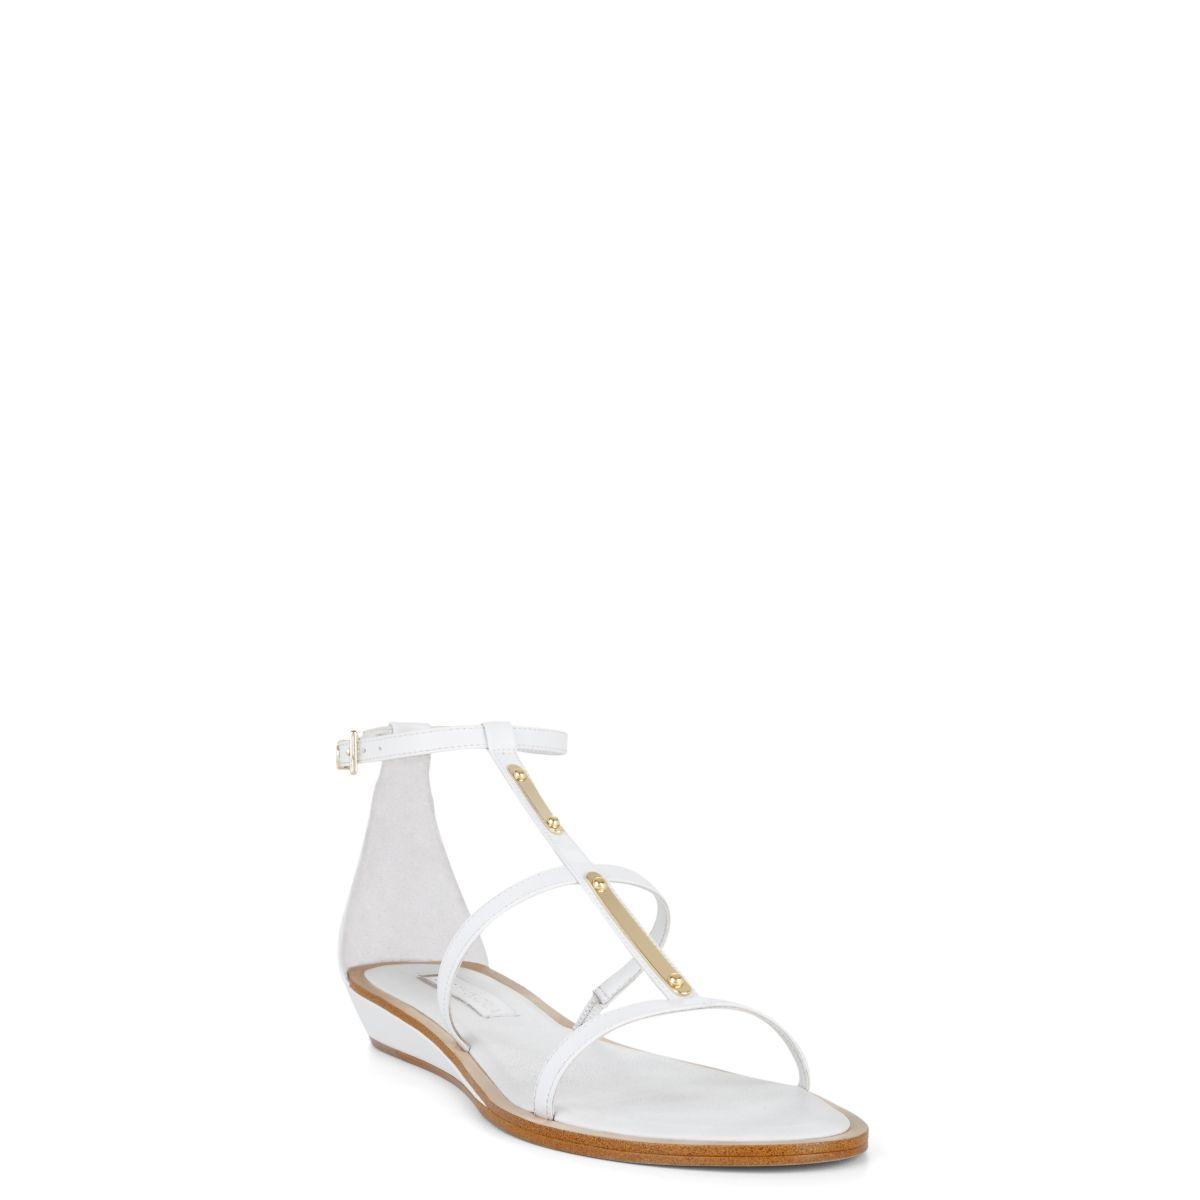 76a012ec9 Cute mini wedge. Biancia Sandal BCBG Max Azria